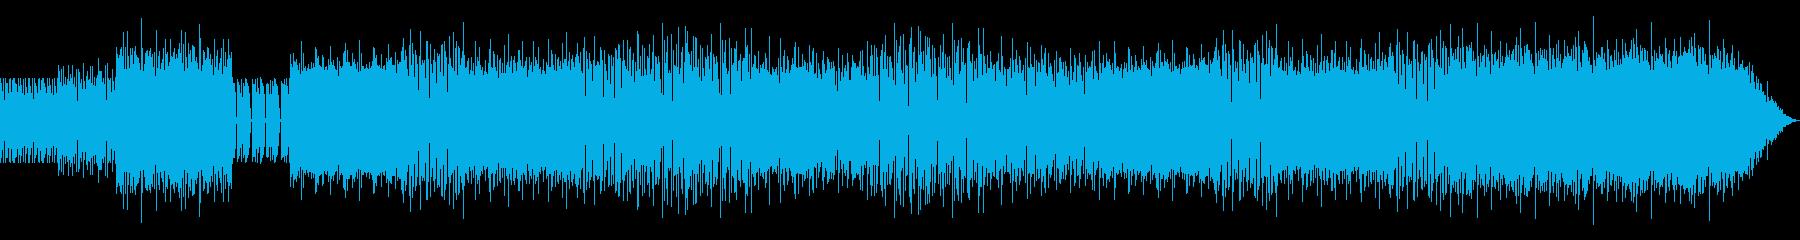 ヒップホップミクスチャーのラップ抜きの再生済みの波形